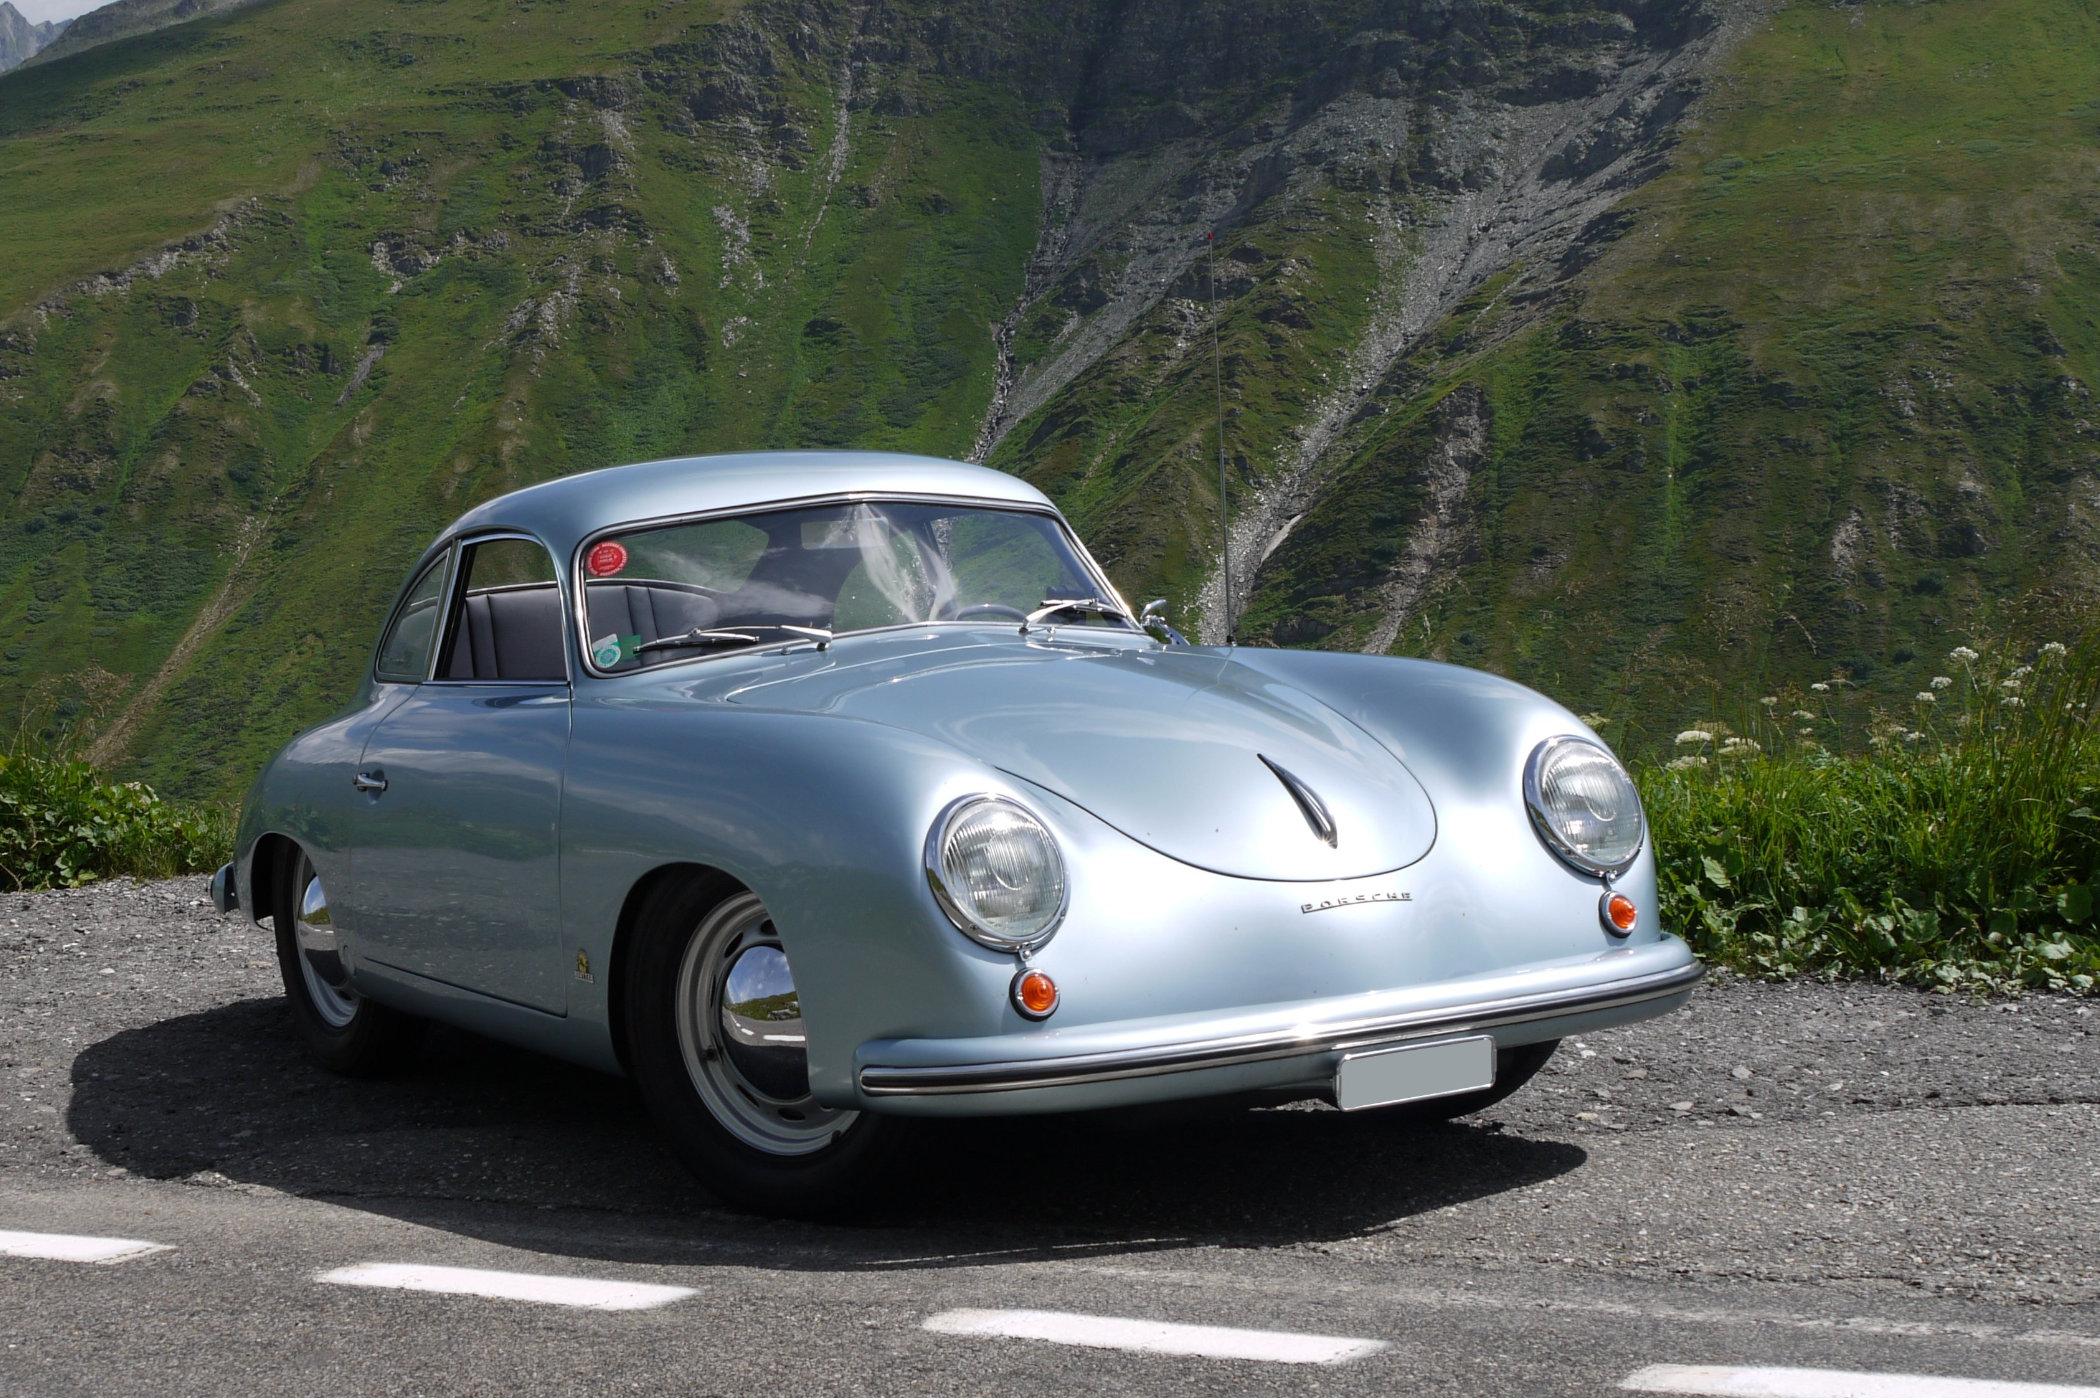 A 1954 Porsche 356 pre-A model